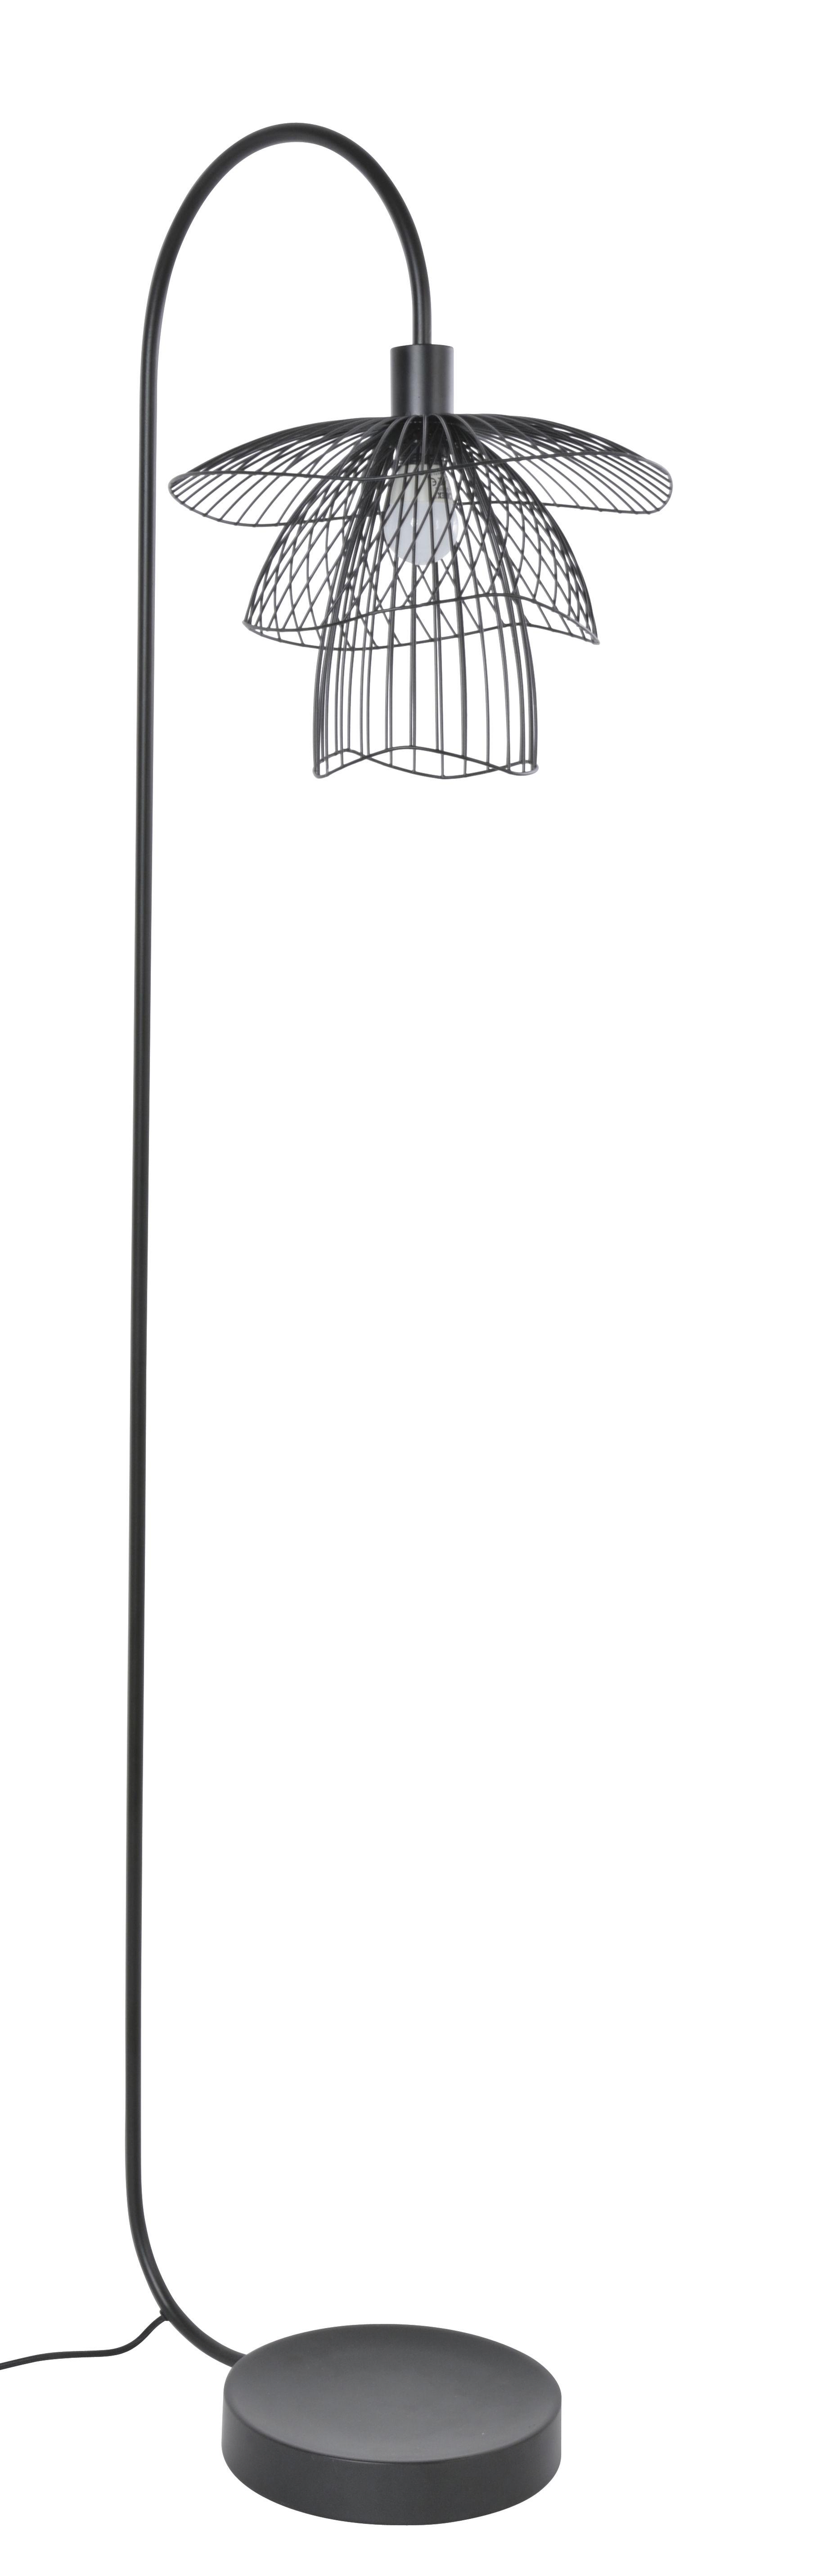 Luminaire - Lampadaires - Lampadaire Papillon / H 150 cm - Forestier - Noir - Acier thermolaqué